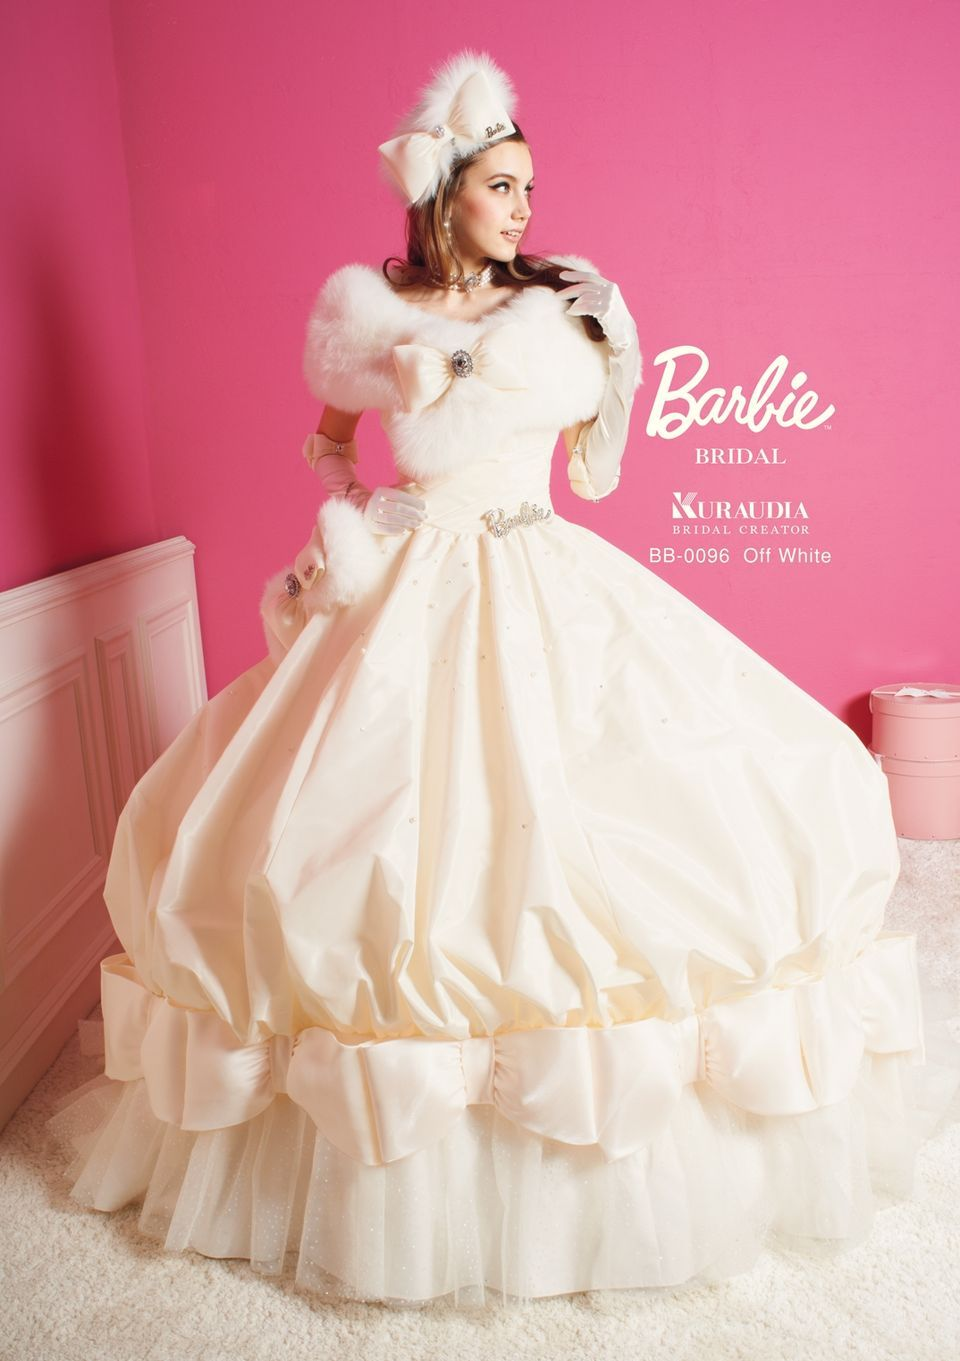 バ-ビ- ウェディングドレス | 愛ロイヤルウェディング | 結婚式衣装 ...